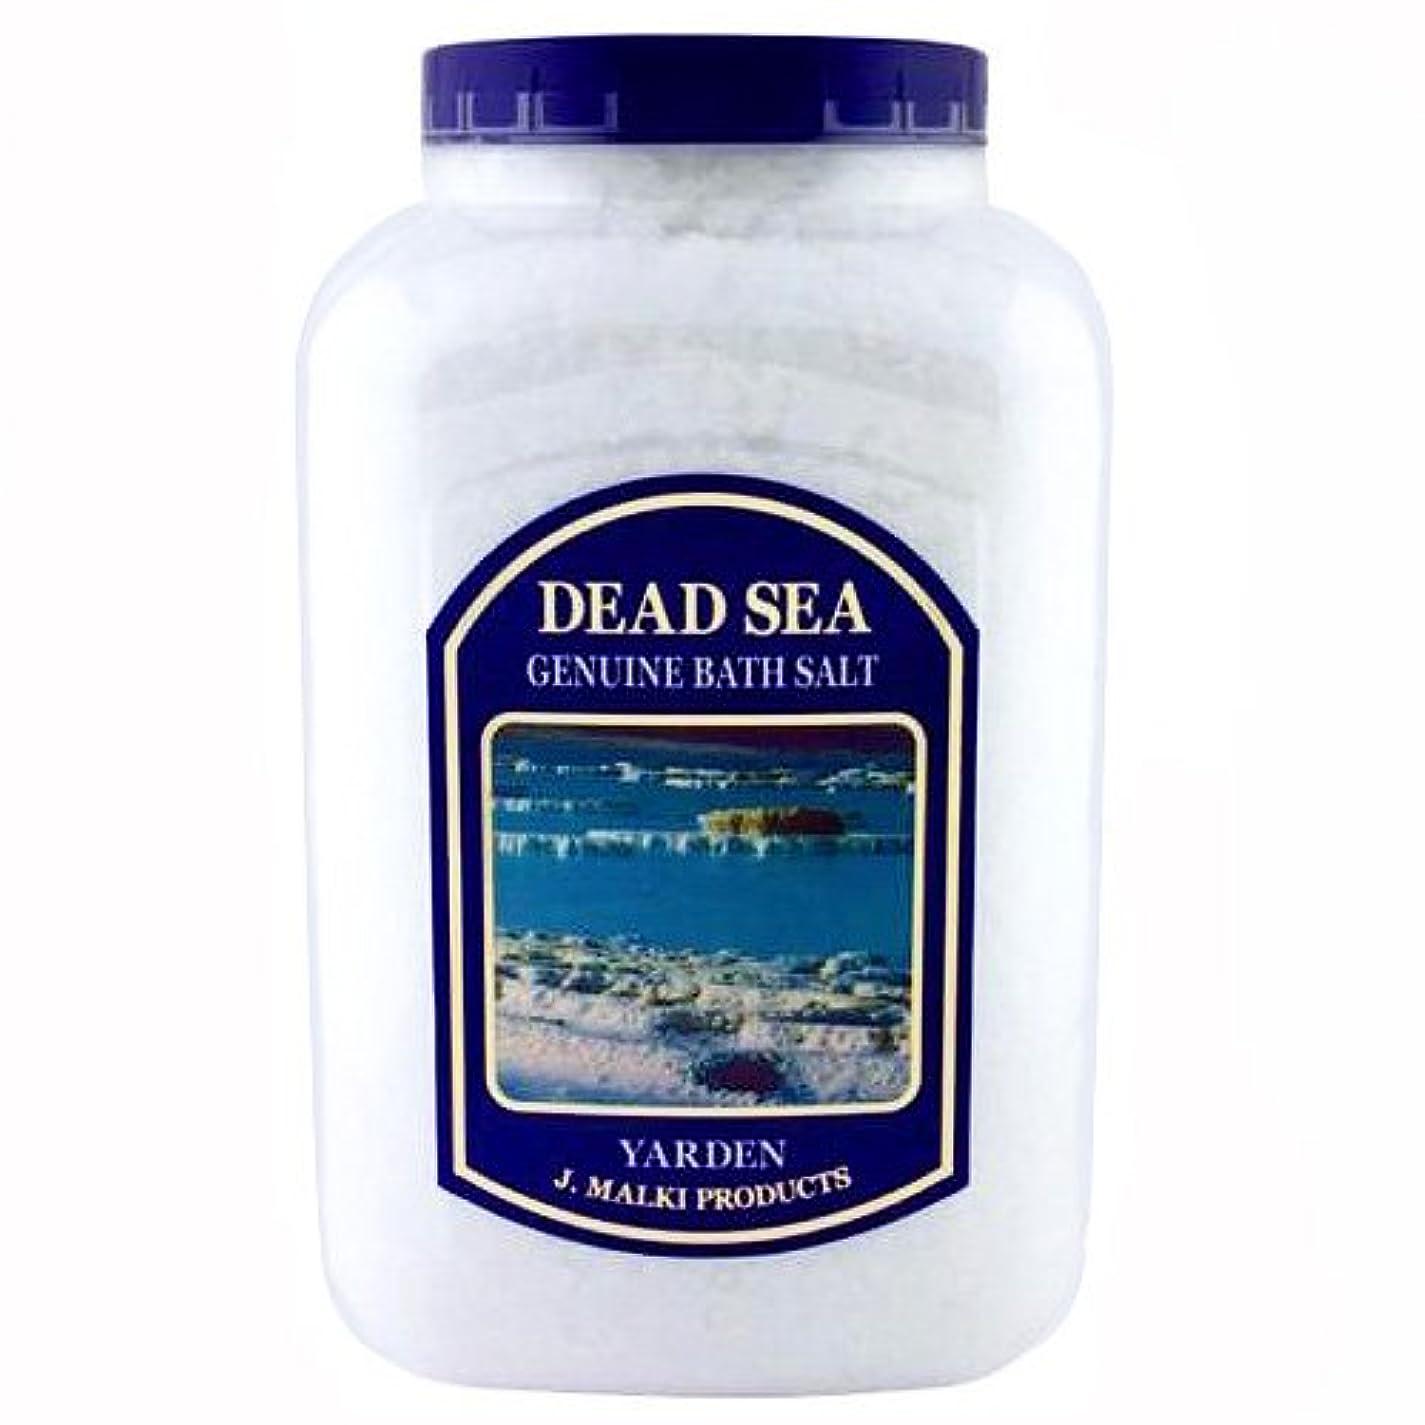 エクスタシー土地ストロークデッドシー?バスソルト 4.5kg(約45回分)【DEAD SEA BATH SALT】死海の塩/入浴剤(入浴用化粧品)【正規販売店】